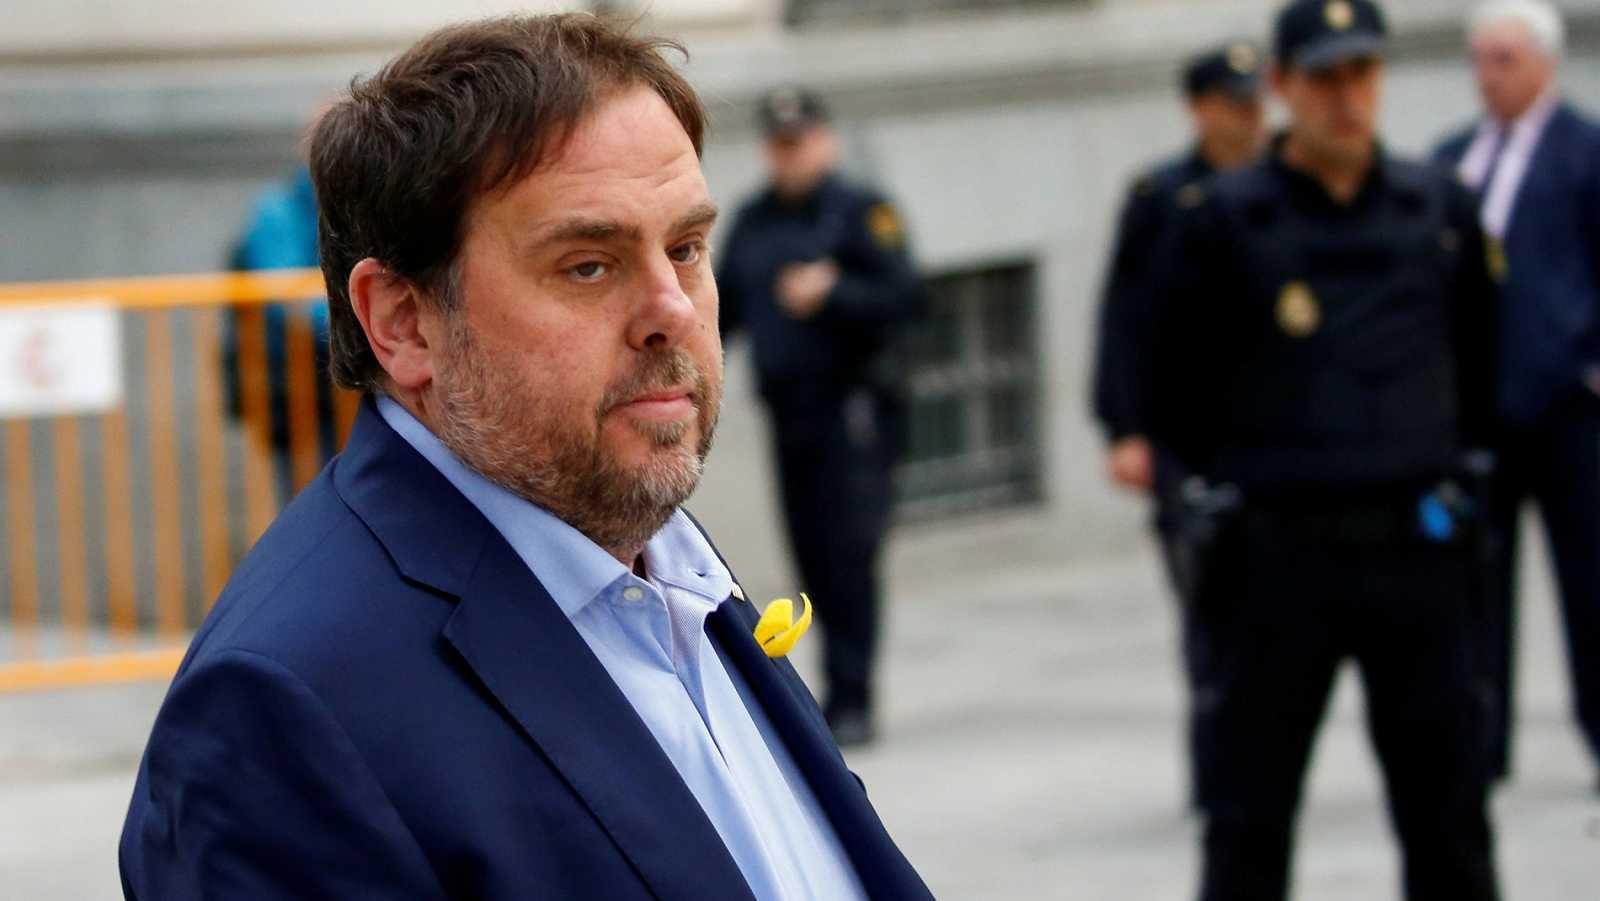 El Supremo abre juicio oral contra Junqueras, Forcadell y nueve exconsellers